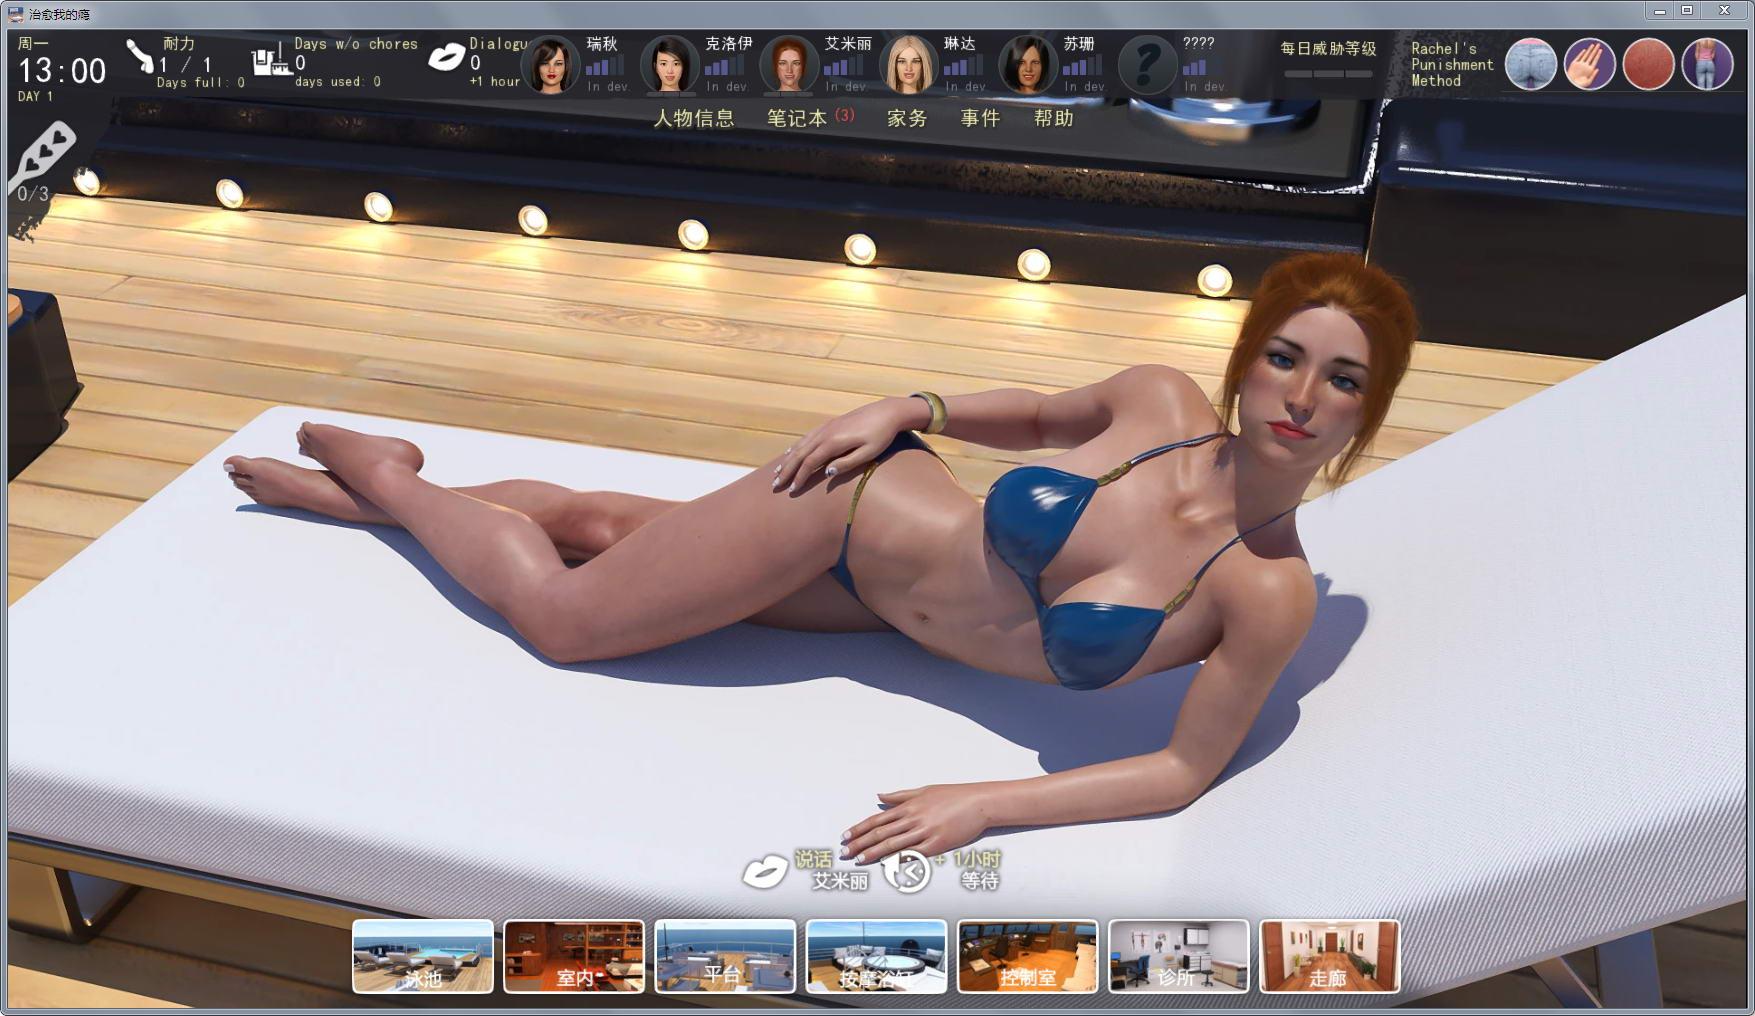 【欧美SLG/汉化/动态CG】治愈我的性瘾 Ver0.9.2 汉化版+存档+攻略【更新】【1.4G】